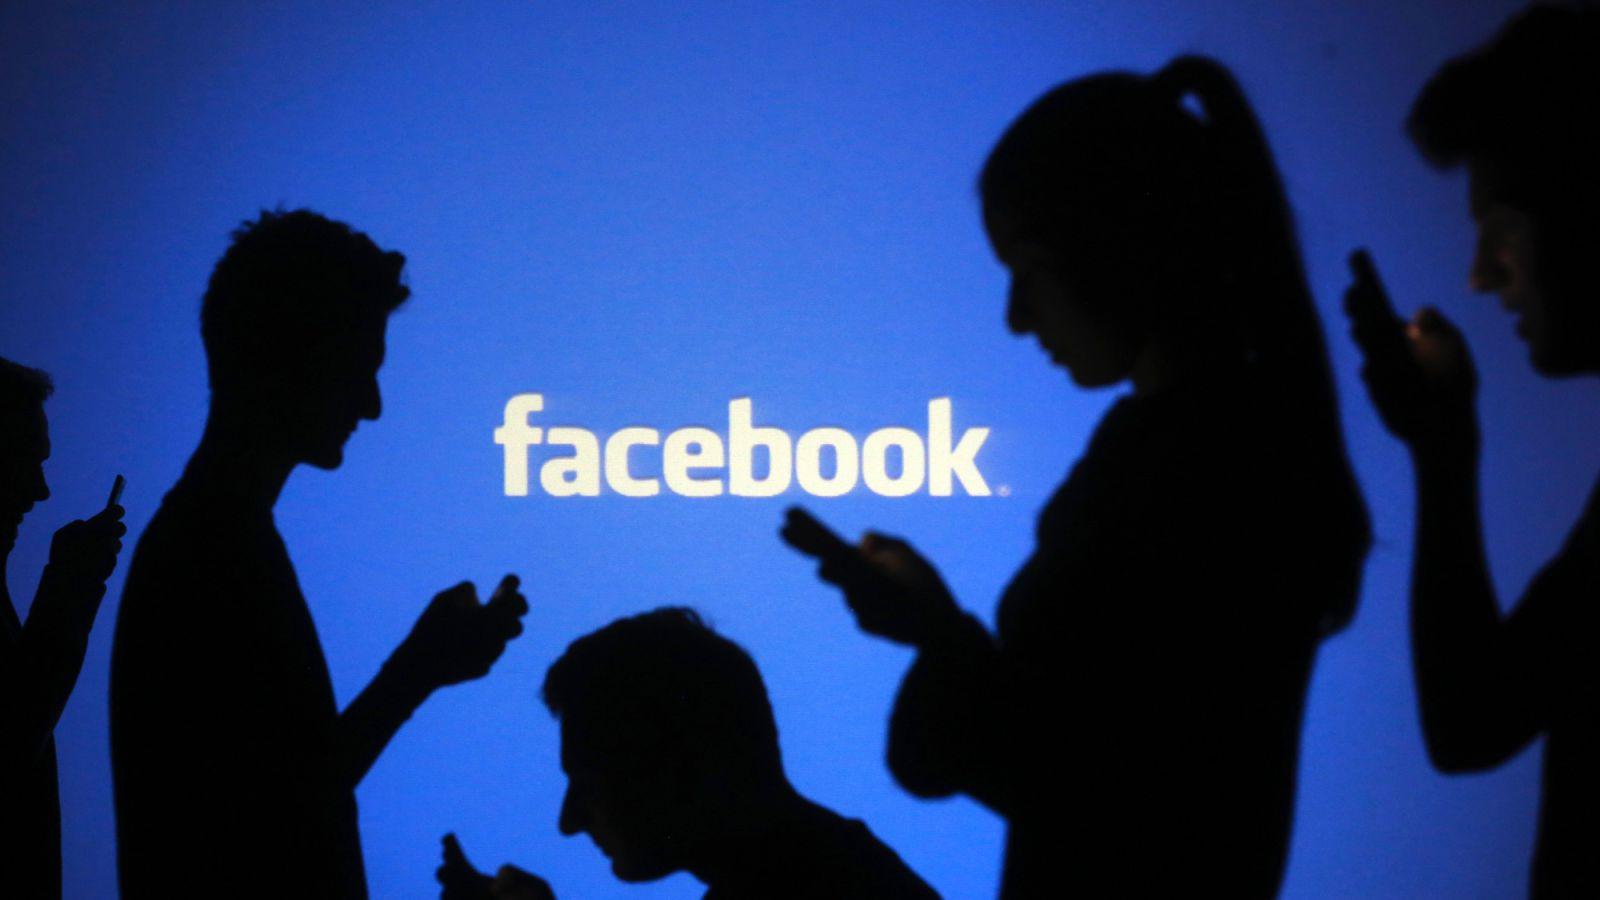 Luglio 2016: nuovo layout per le pagine Facebook. Ecco cosa è cambiato.